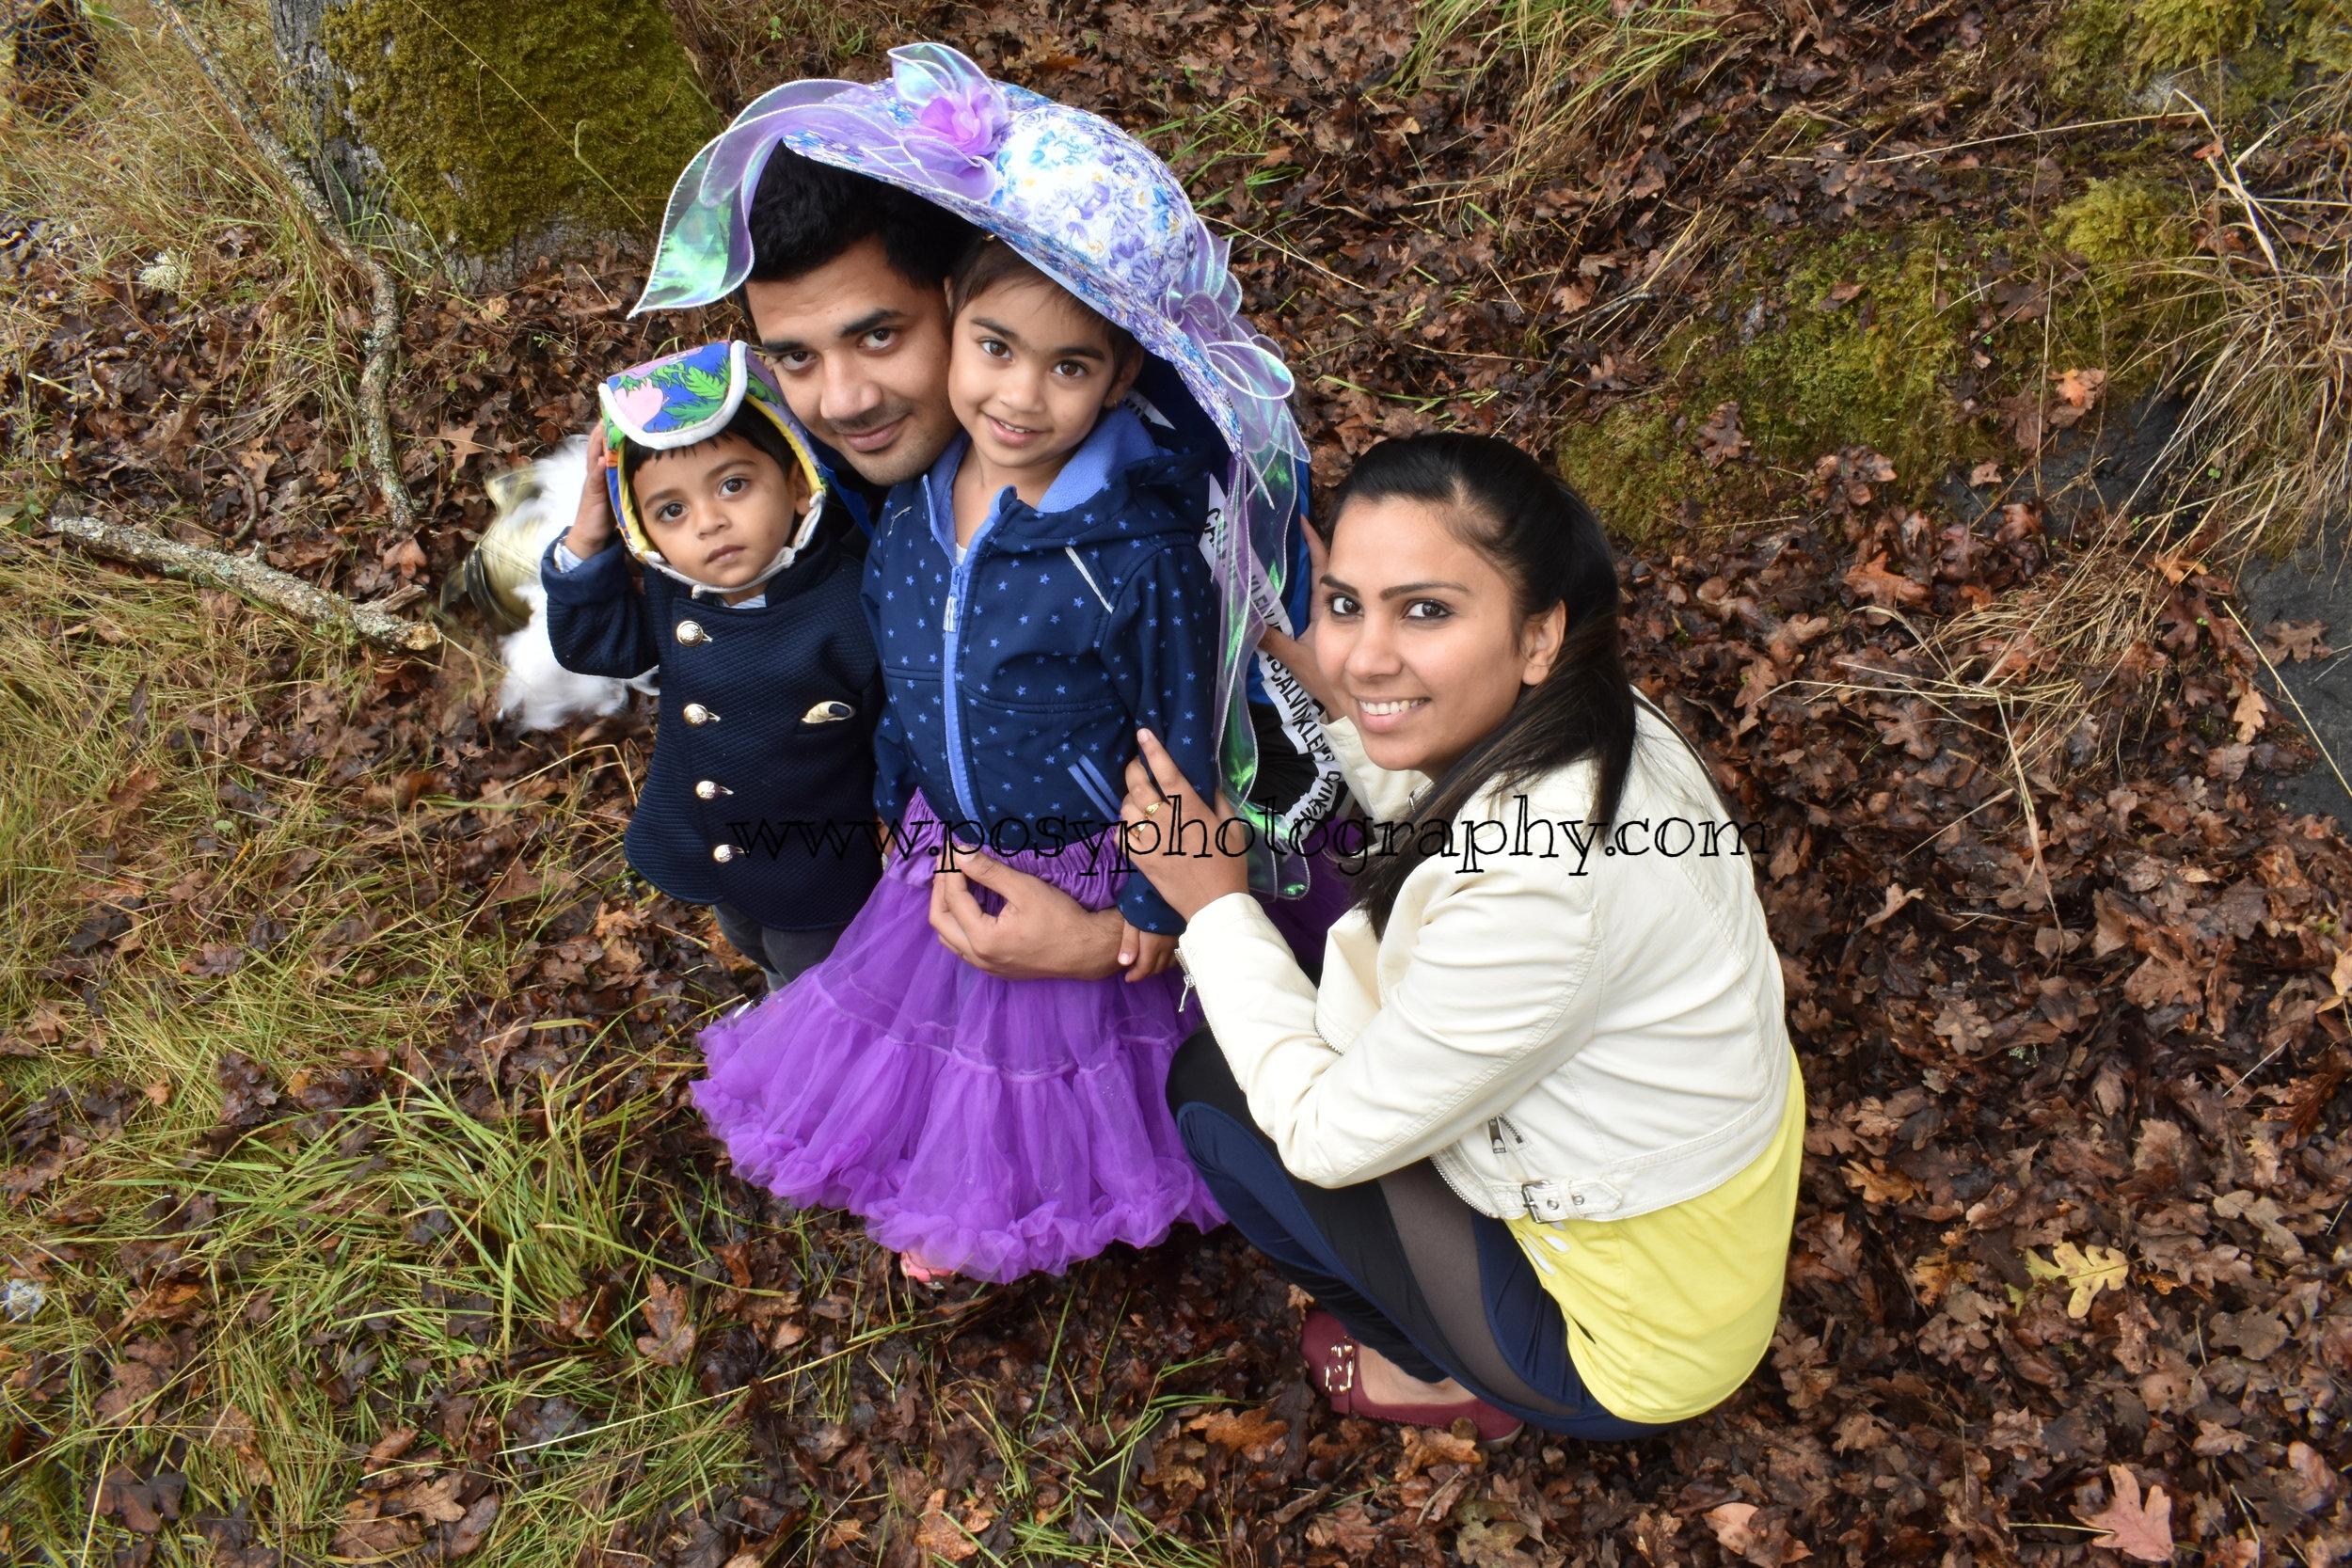 Family Fun - Costume Experience & Private Portrait